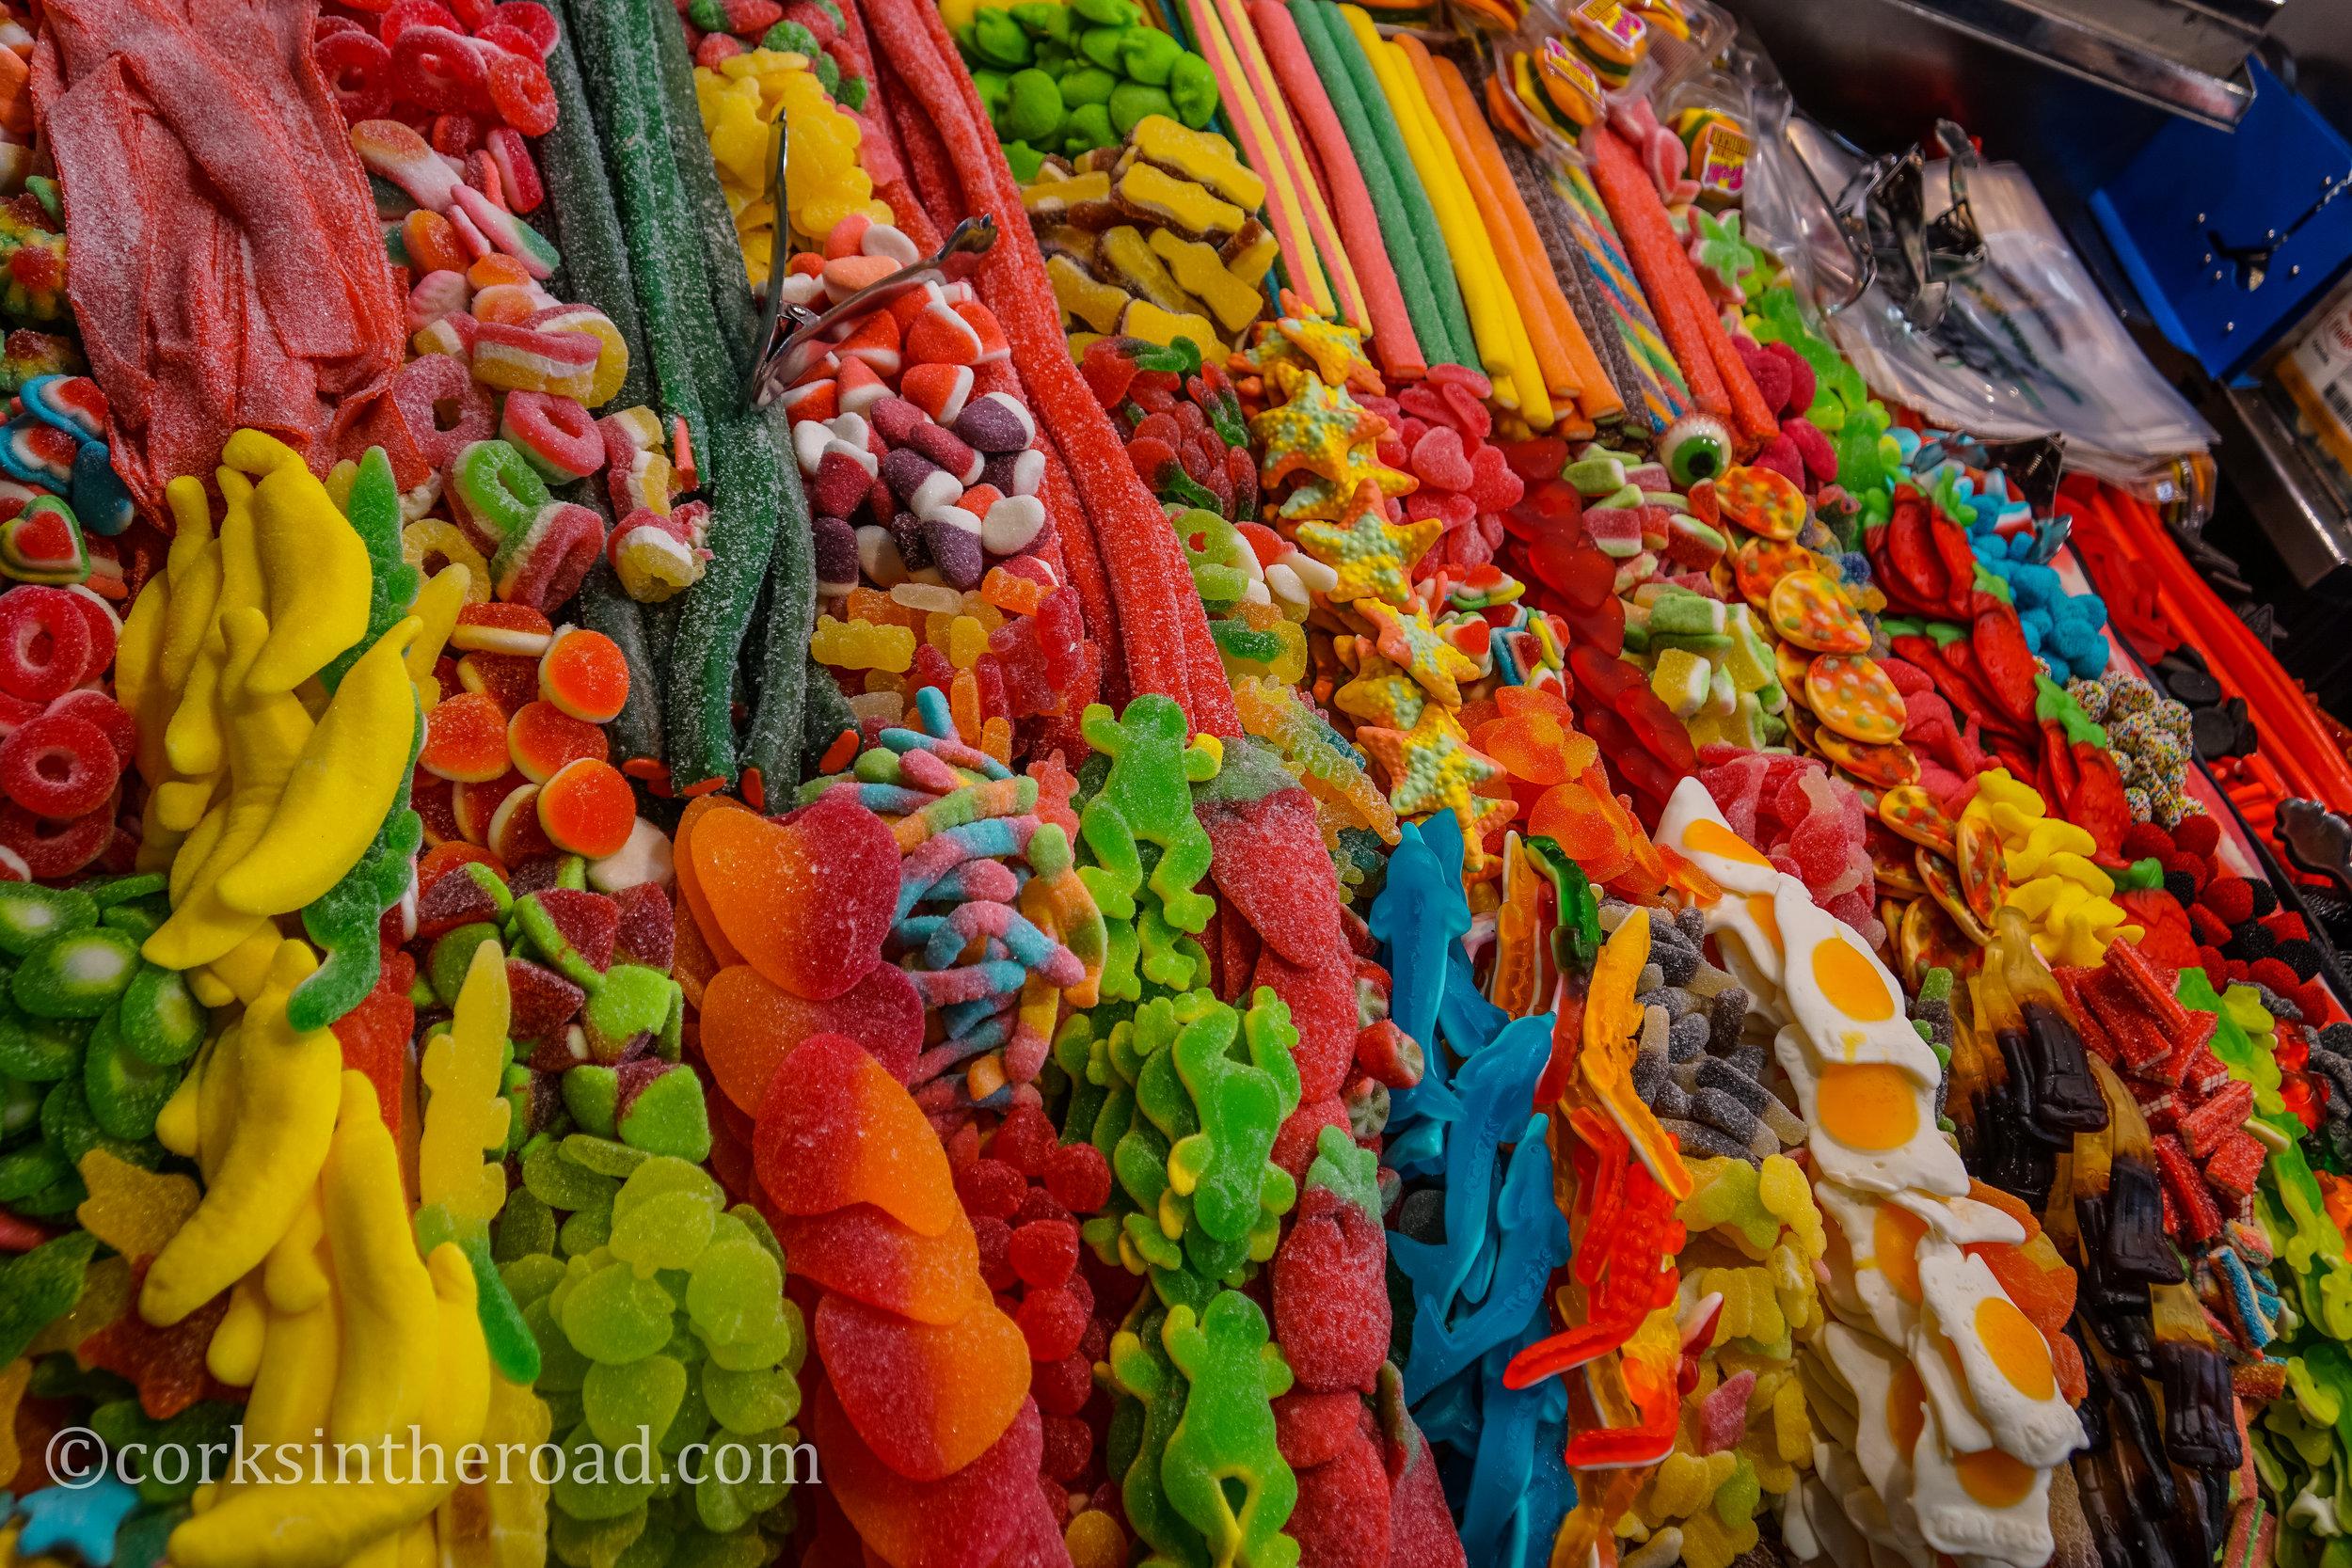 20160805Barcelona, Corksintheroad, Market-10.jpg